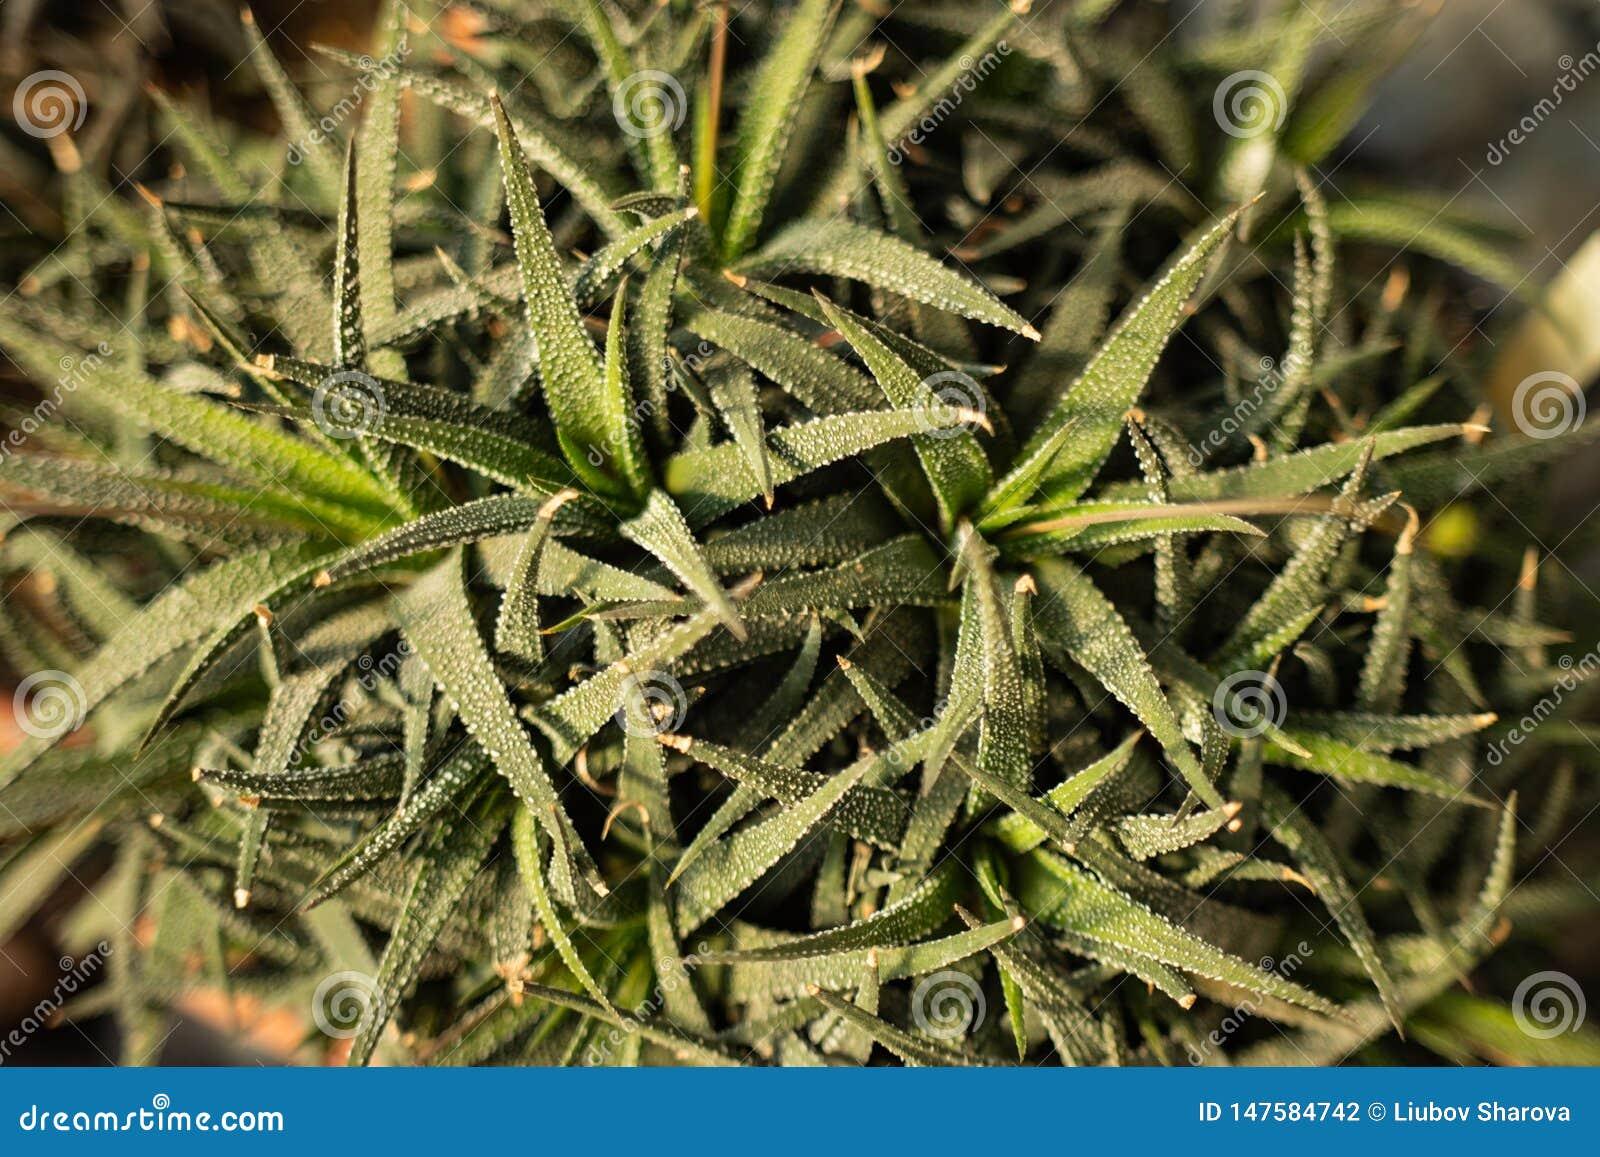 Haworthia Ja mięsistego, ale elongated i wskazuje końcówki liście z serrated kolcami na kołowaciejącym bielu lub krawędziach